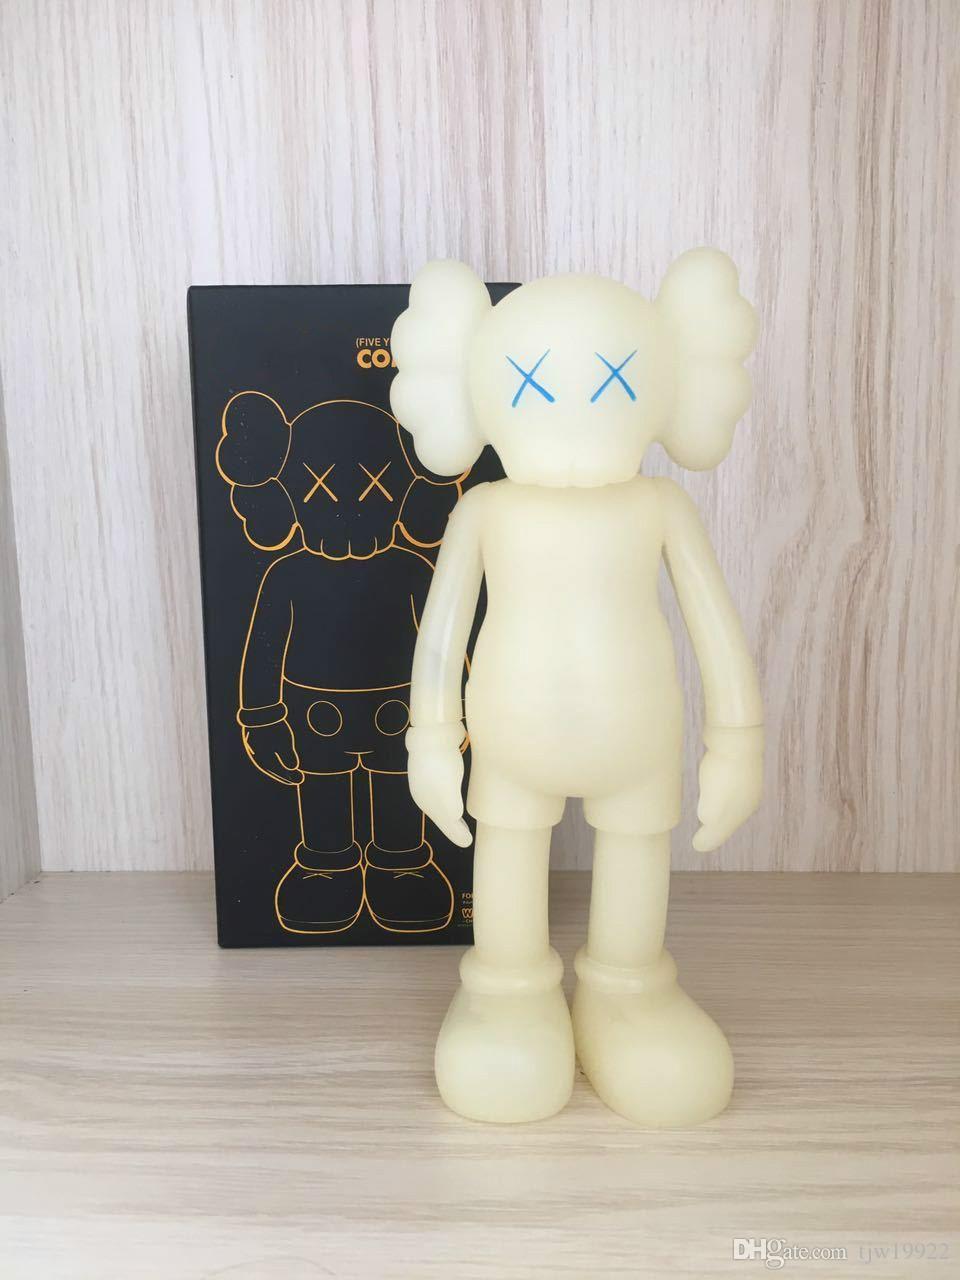 Grafiti sanatı oyuncak KAWS figür heykel hediye Aydınlık pvc 2020 Sıcak Doll tasarım modern sanat 20cm KAWS Mini'nin smlll yalan arkadaşı oyuncak özel vinil